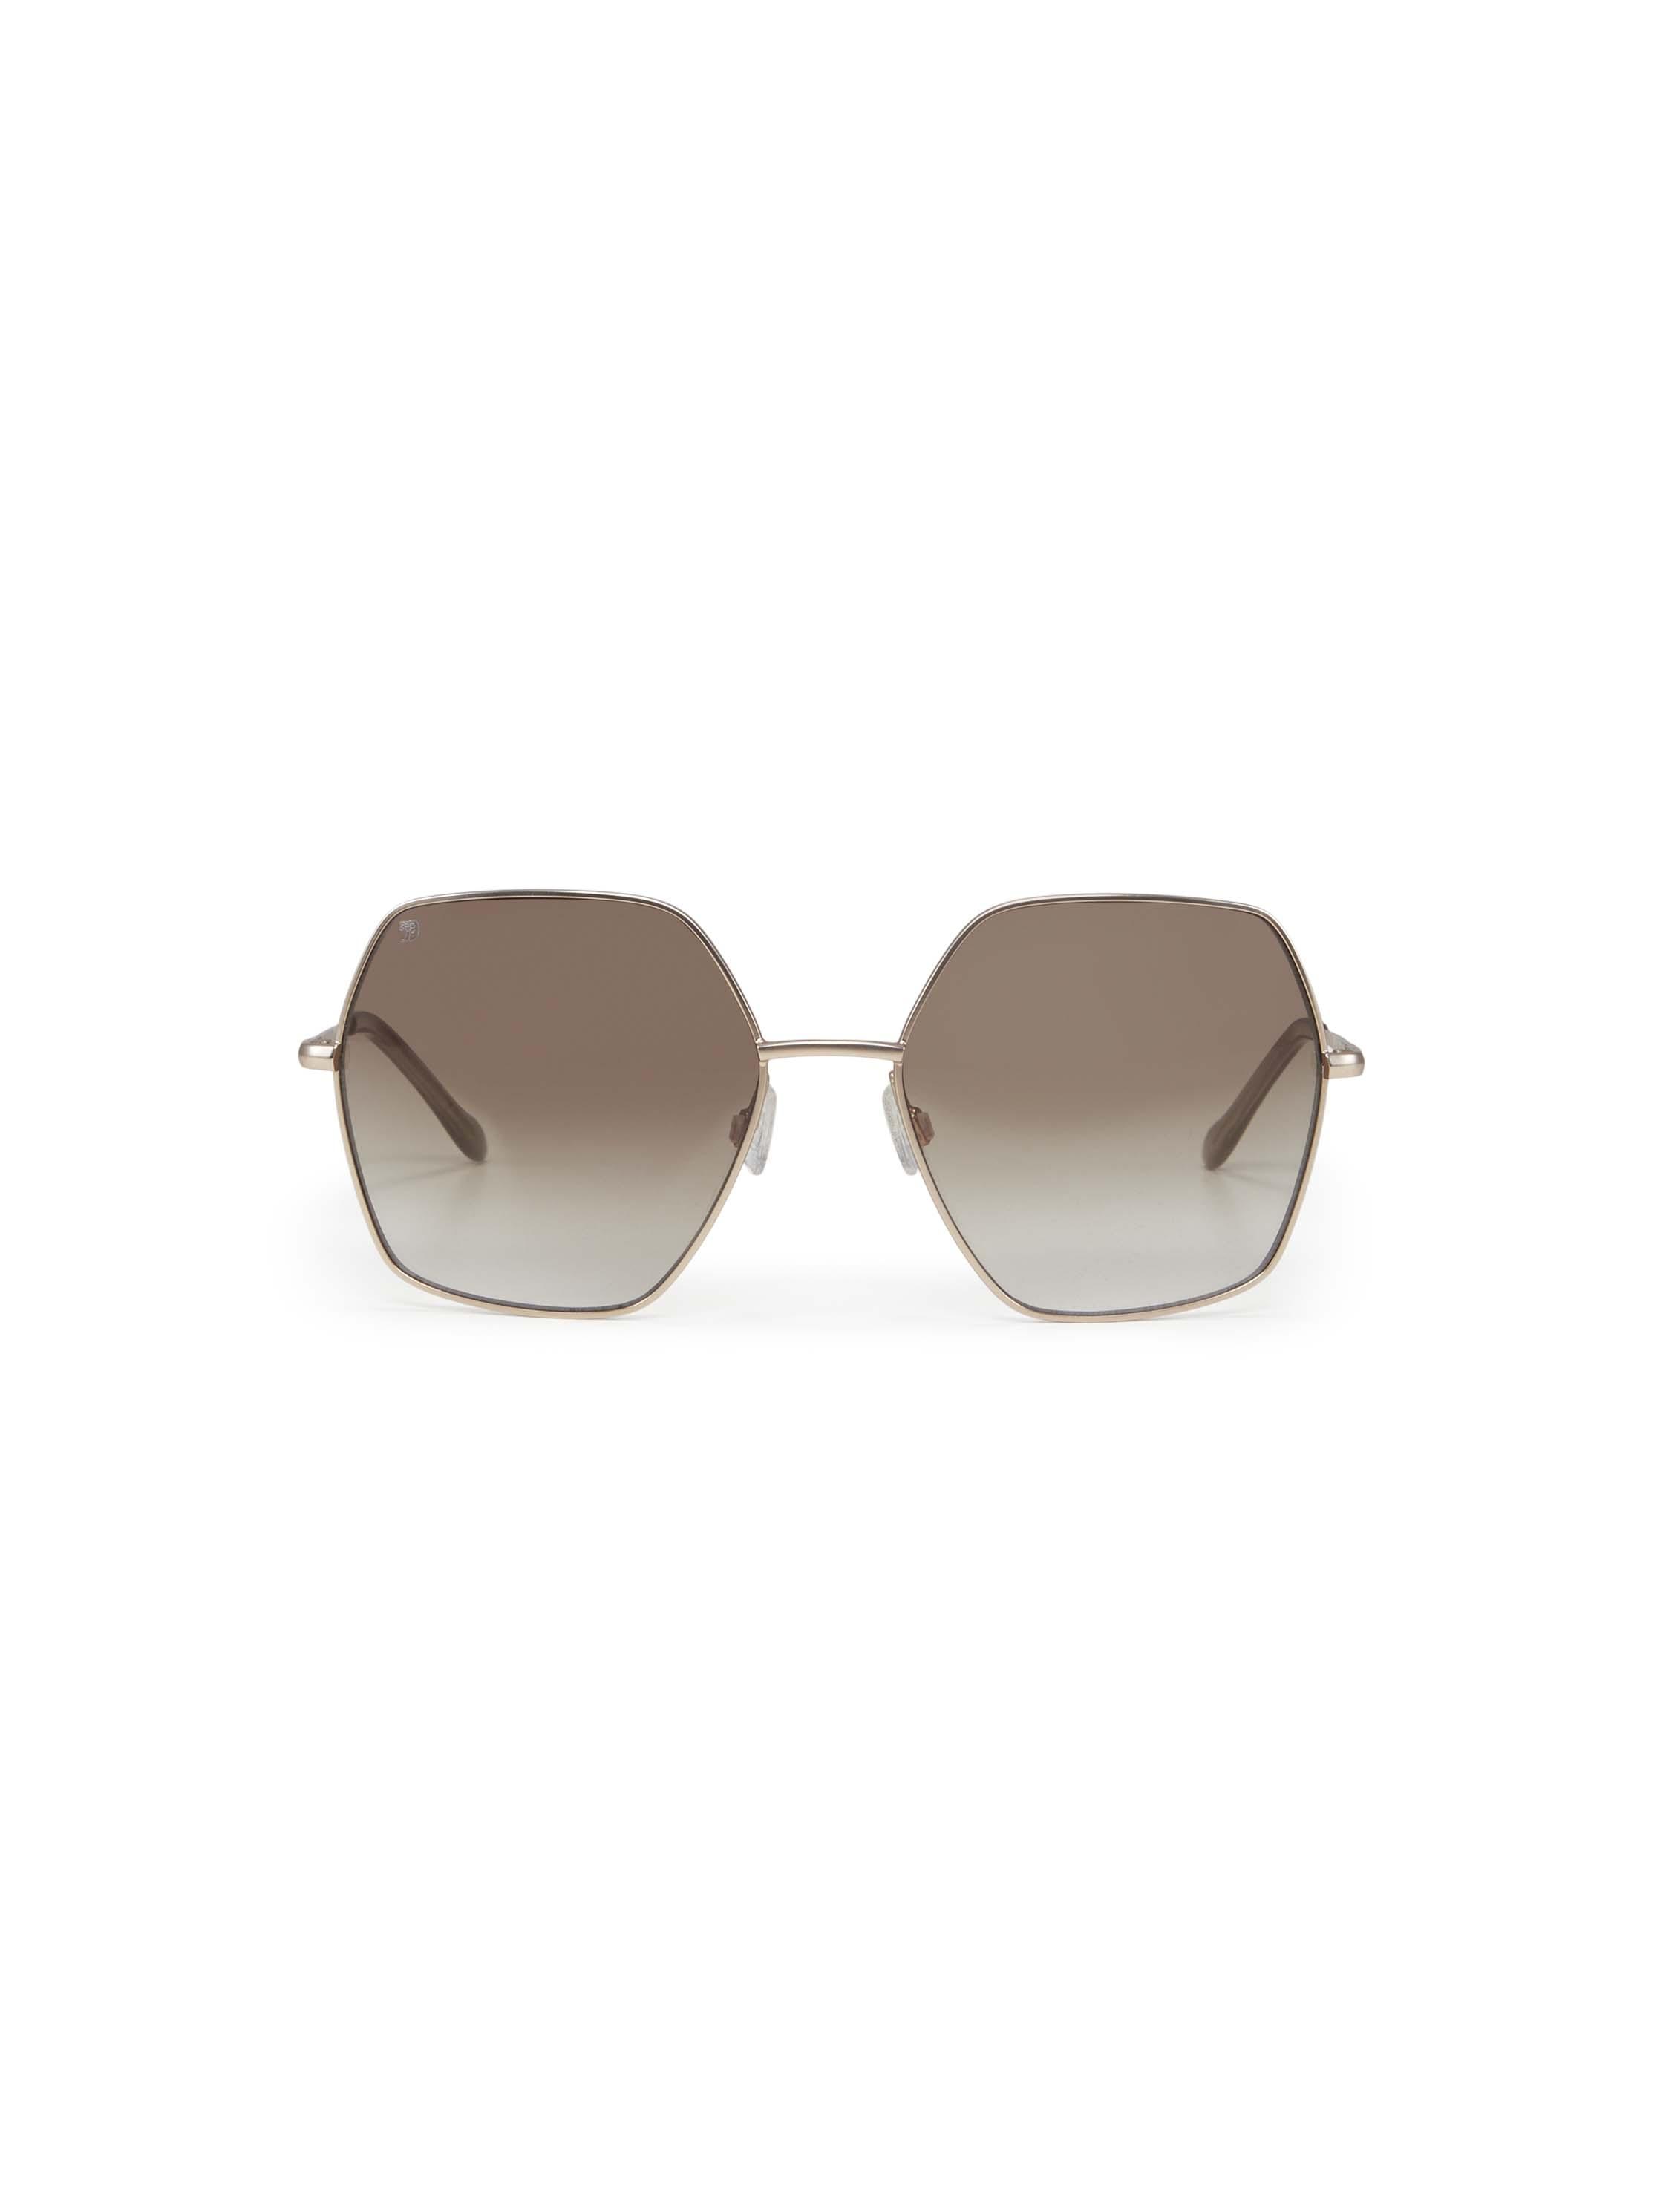 Sonnenbrille TOM TAILOR denim, gold